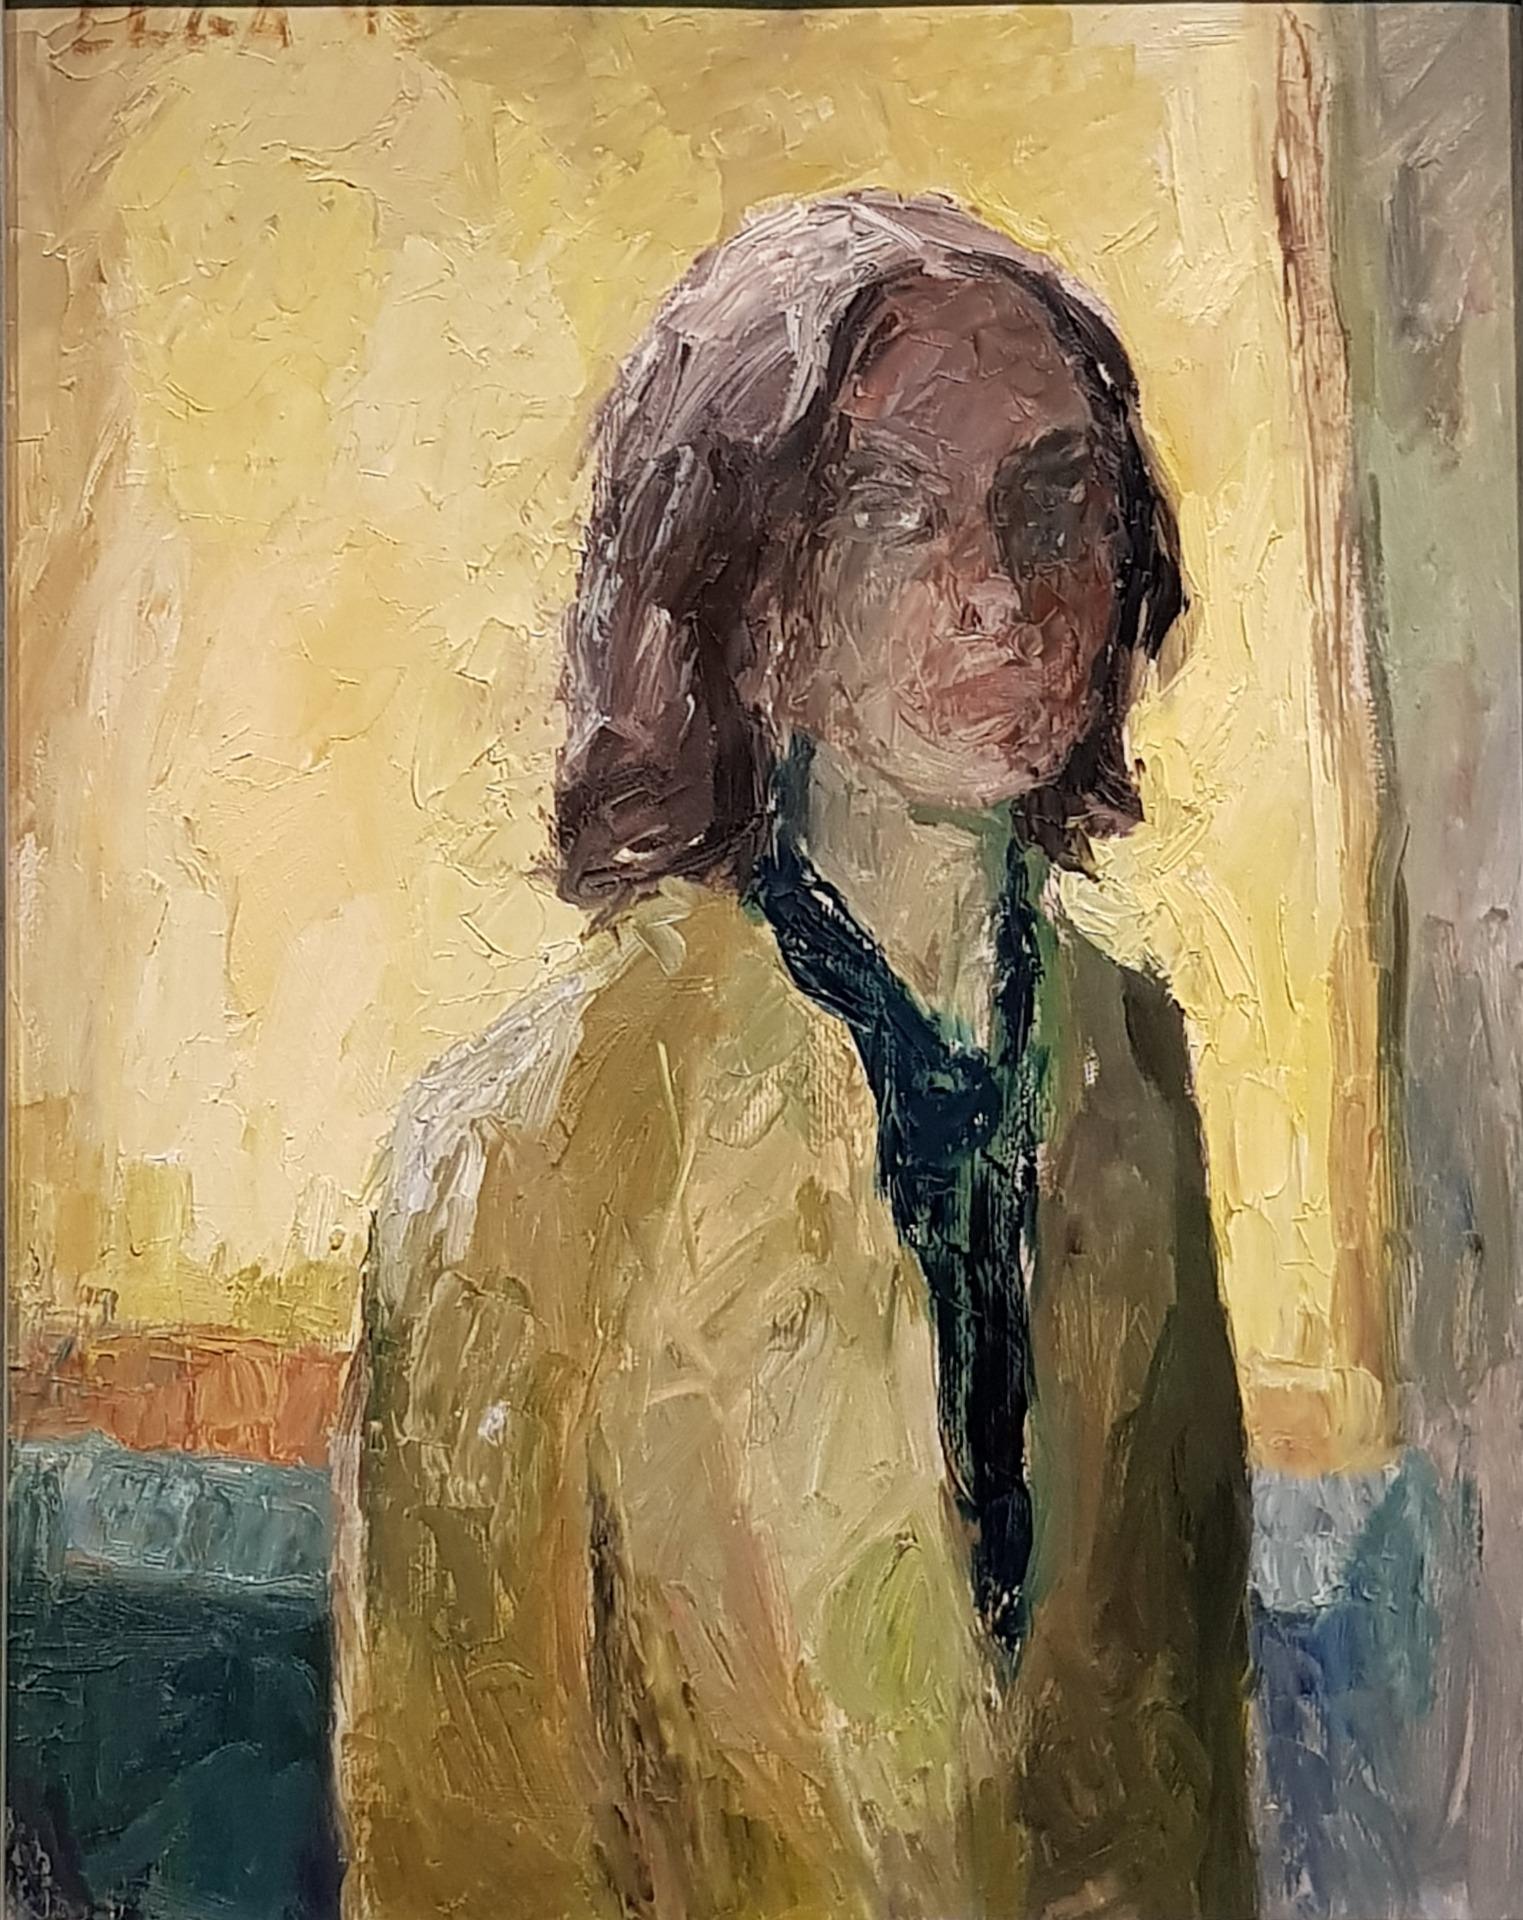 Une Femme: Elga Sesemann